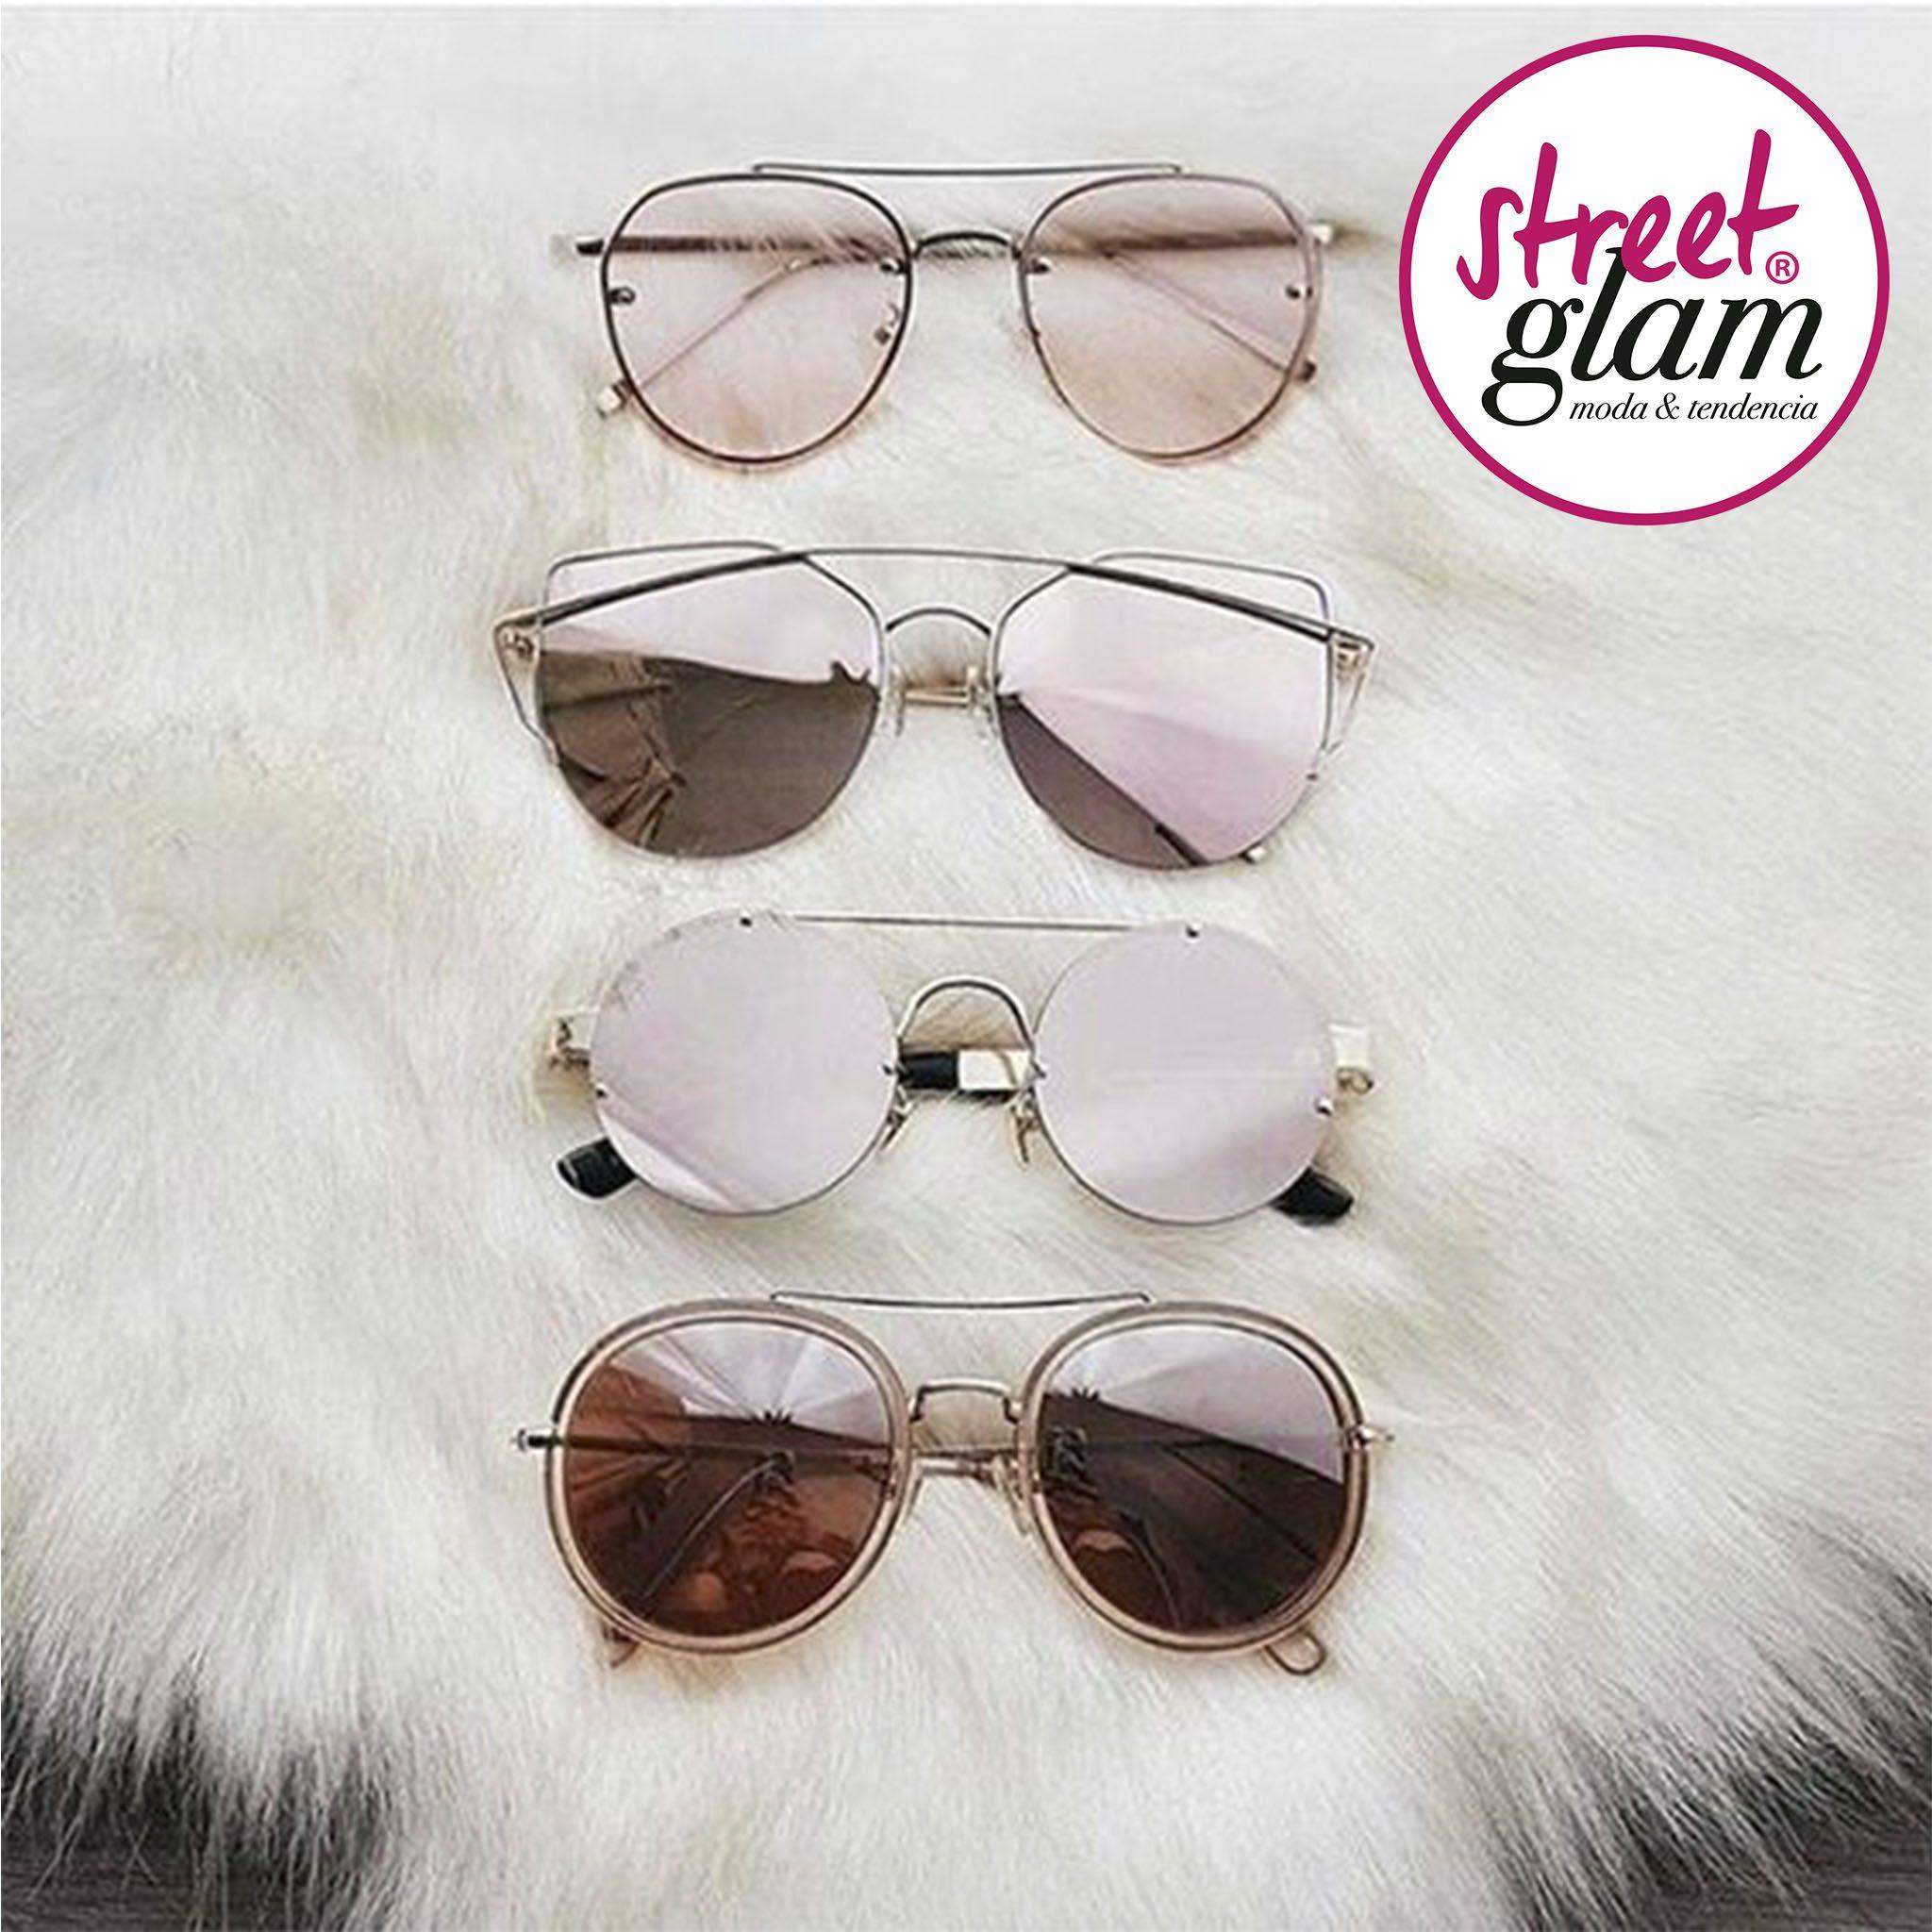 Cuál les gusta más? Este tipo de lentes están súper de moda #BeGlam ...